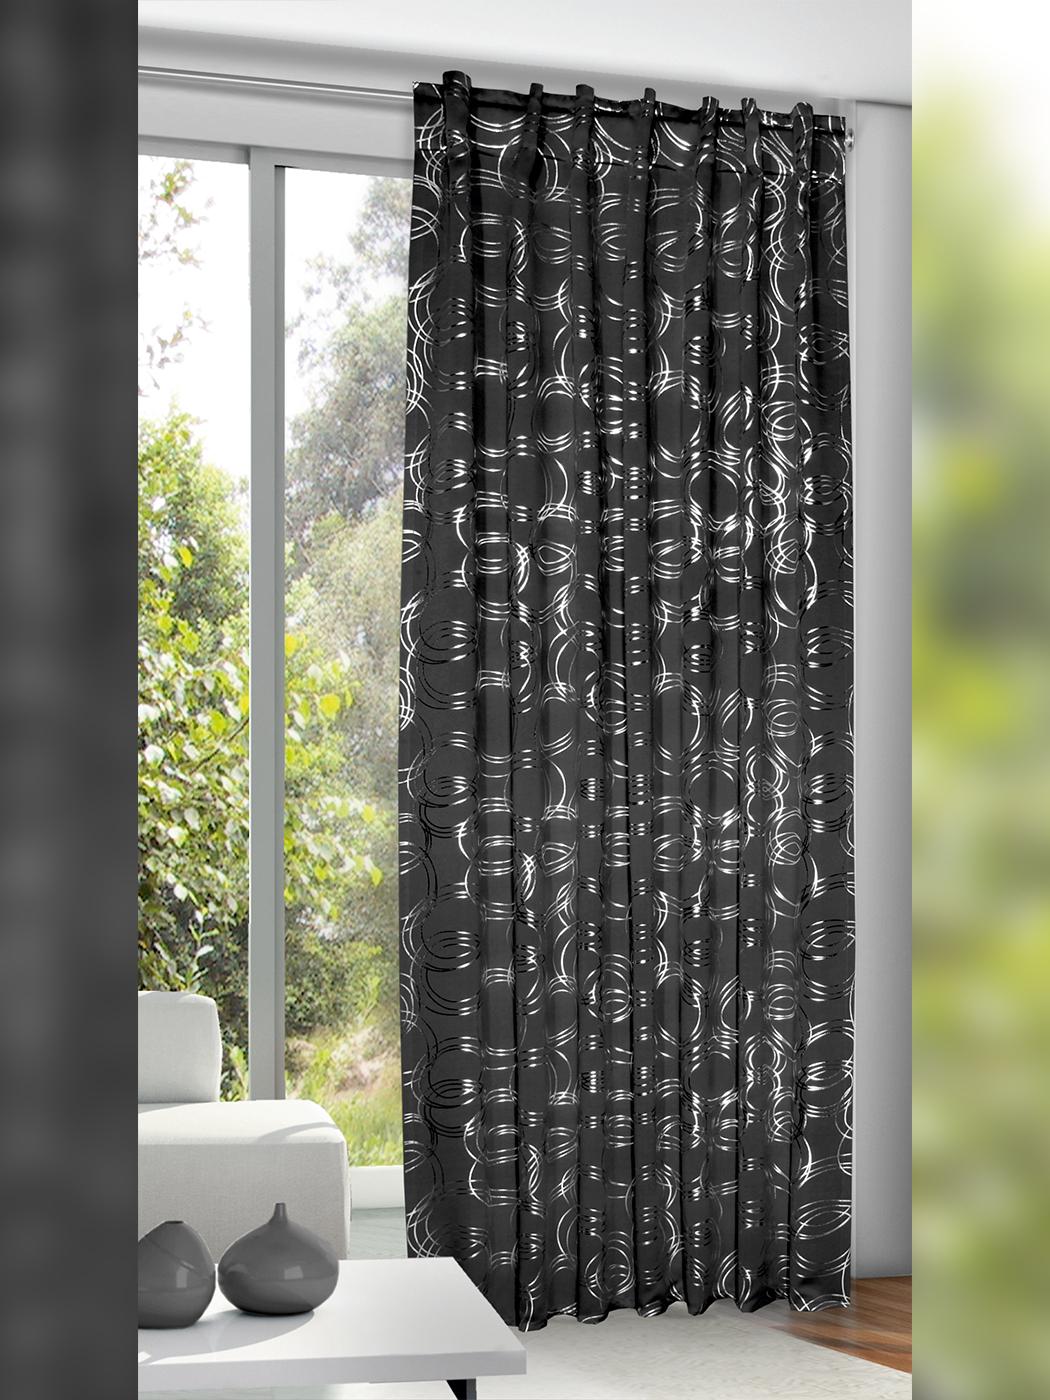 Full Size of Blickdichter Verdunkelungsvorhang Schwarz Silber Gardinen Outlet Scheibengardinen Küche Wohnzimmer Scheibengardinen Blickdicht